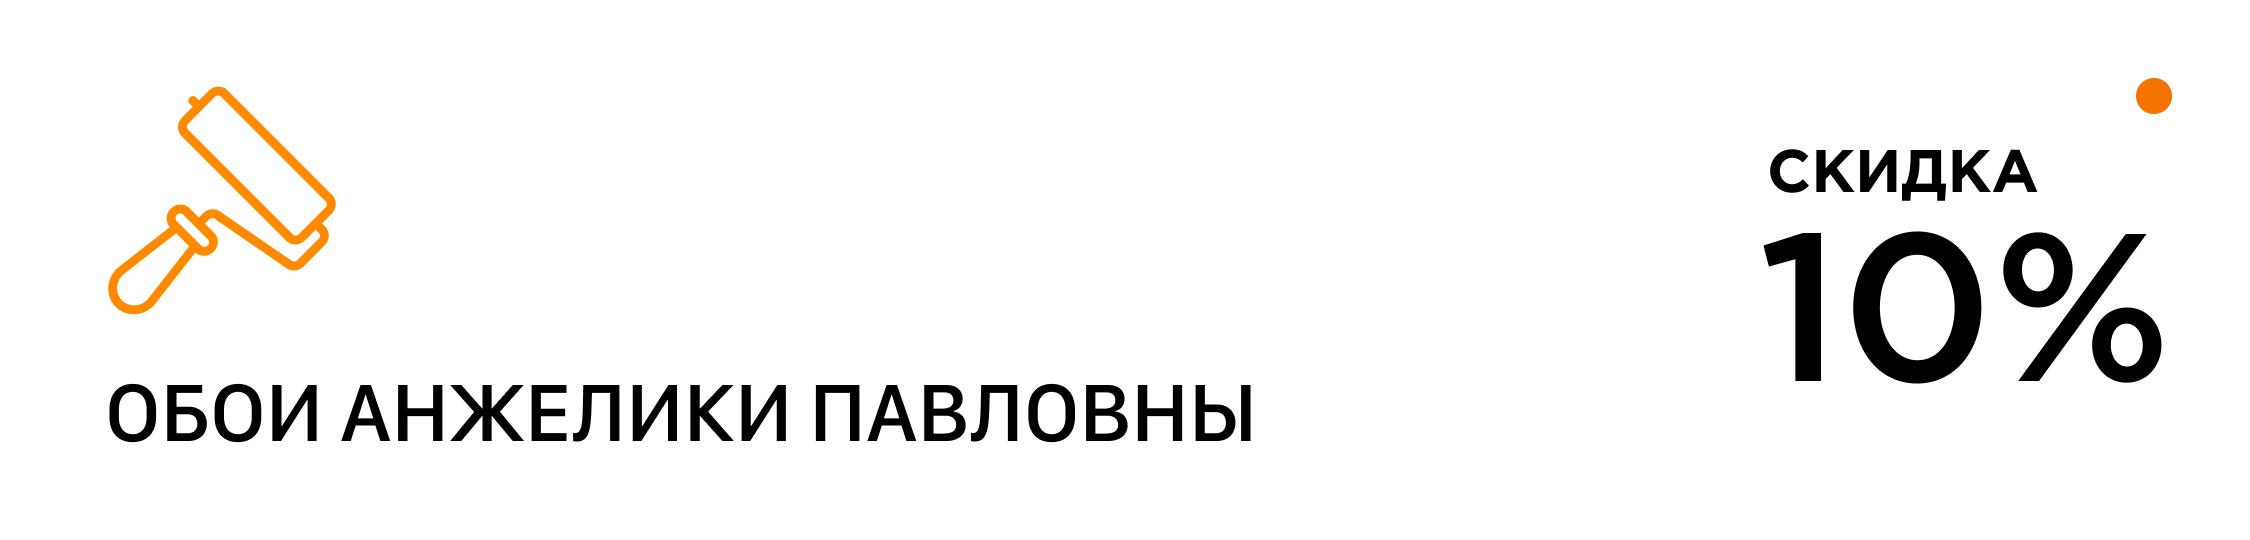 Обои Анжелики Павловны